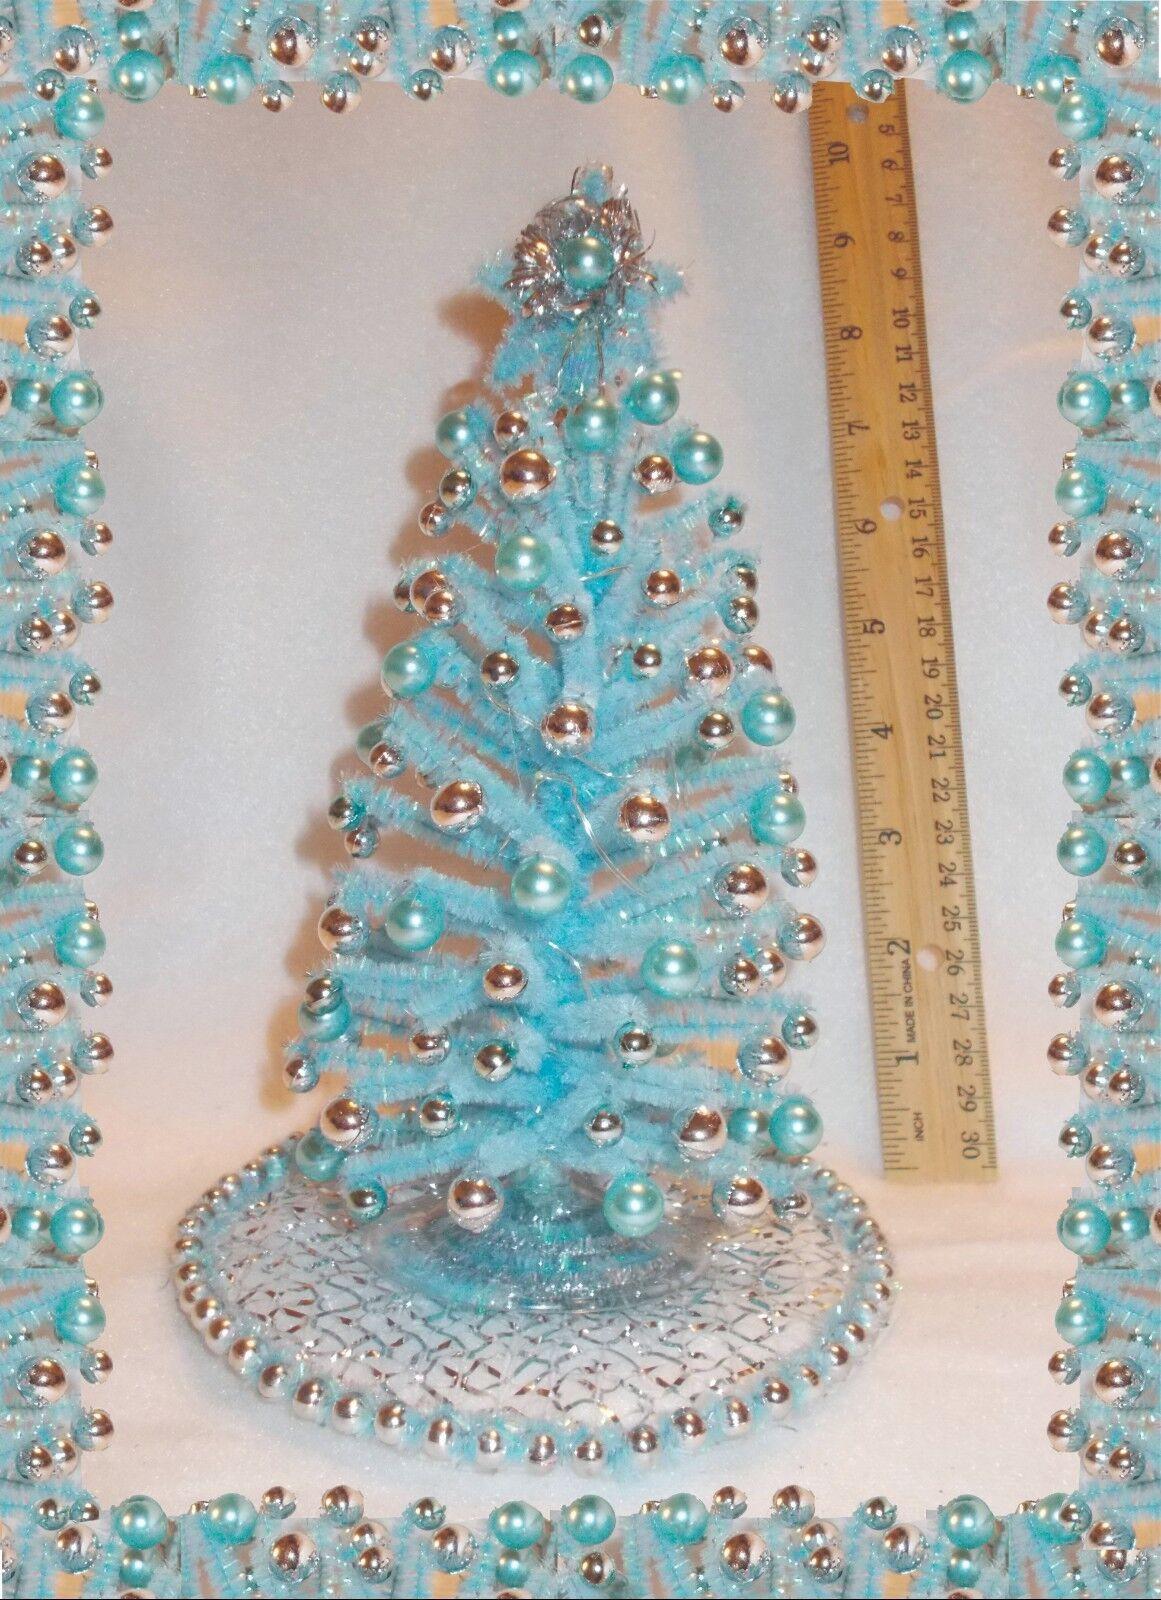 Nuevo Hermoso blu casa de muñecas en miniatura de ooak 8.5  Iluminado Árbol De Navidad Moderno